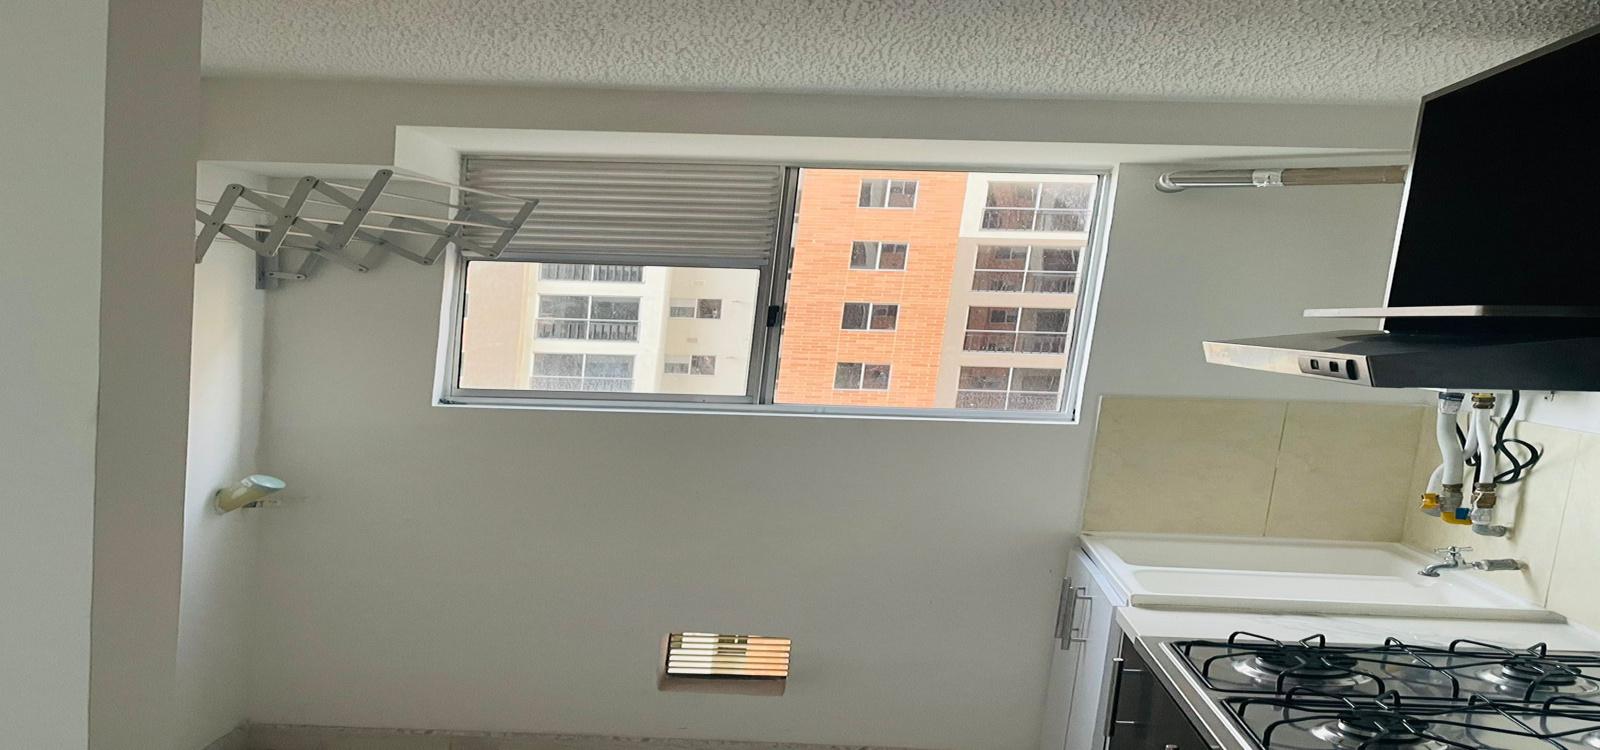 57 V 09 SUR 67, Bogotá, Sur, Madelena, 2 Habitaciones Habitaciones,1 BañoBathrooms,Apartamentos,Arriendo,67,3337